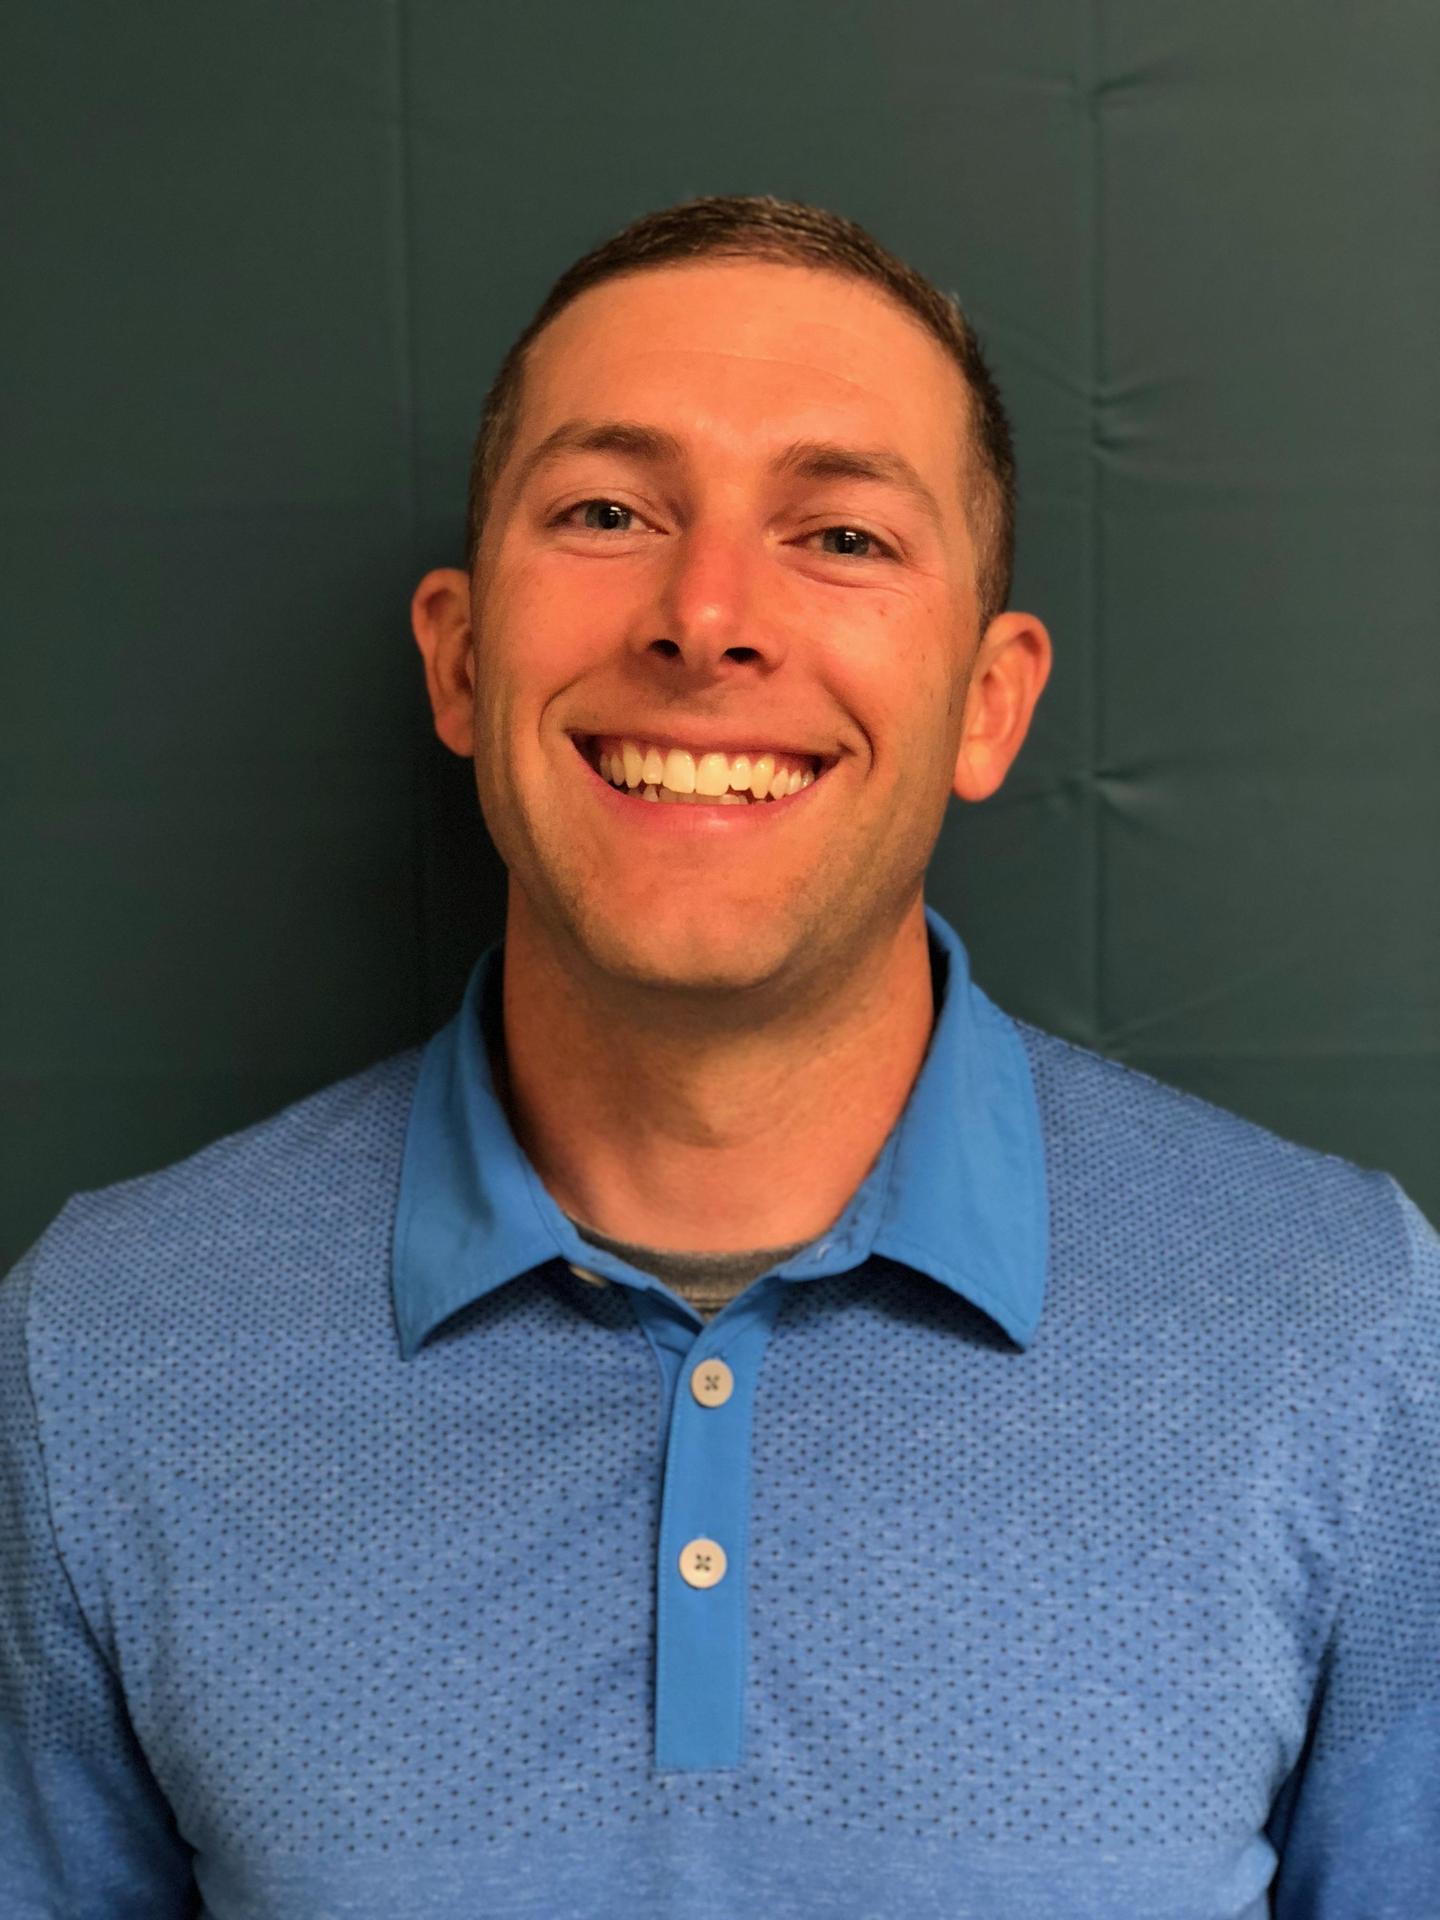 Board member Matt Gompert